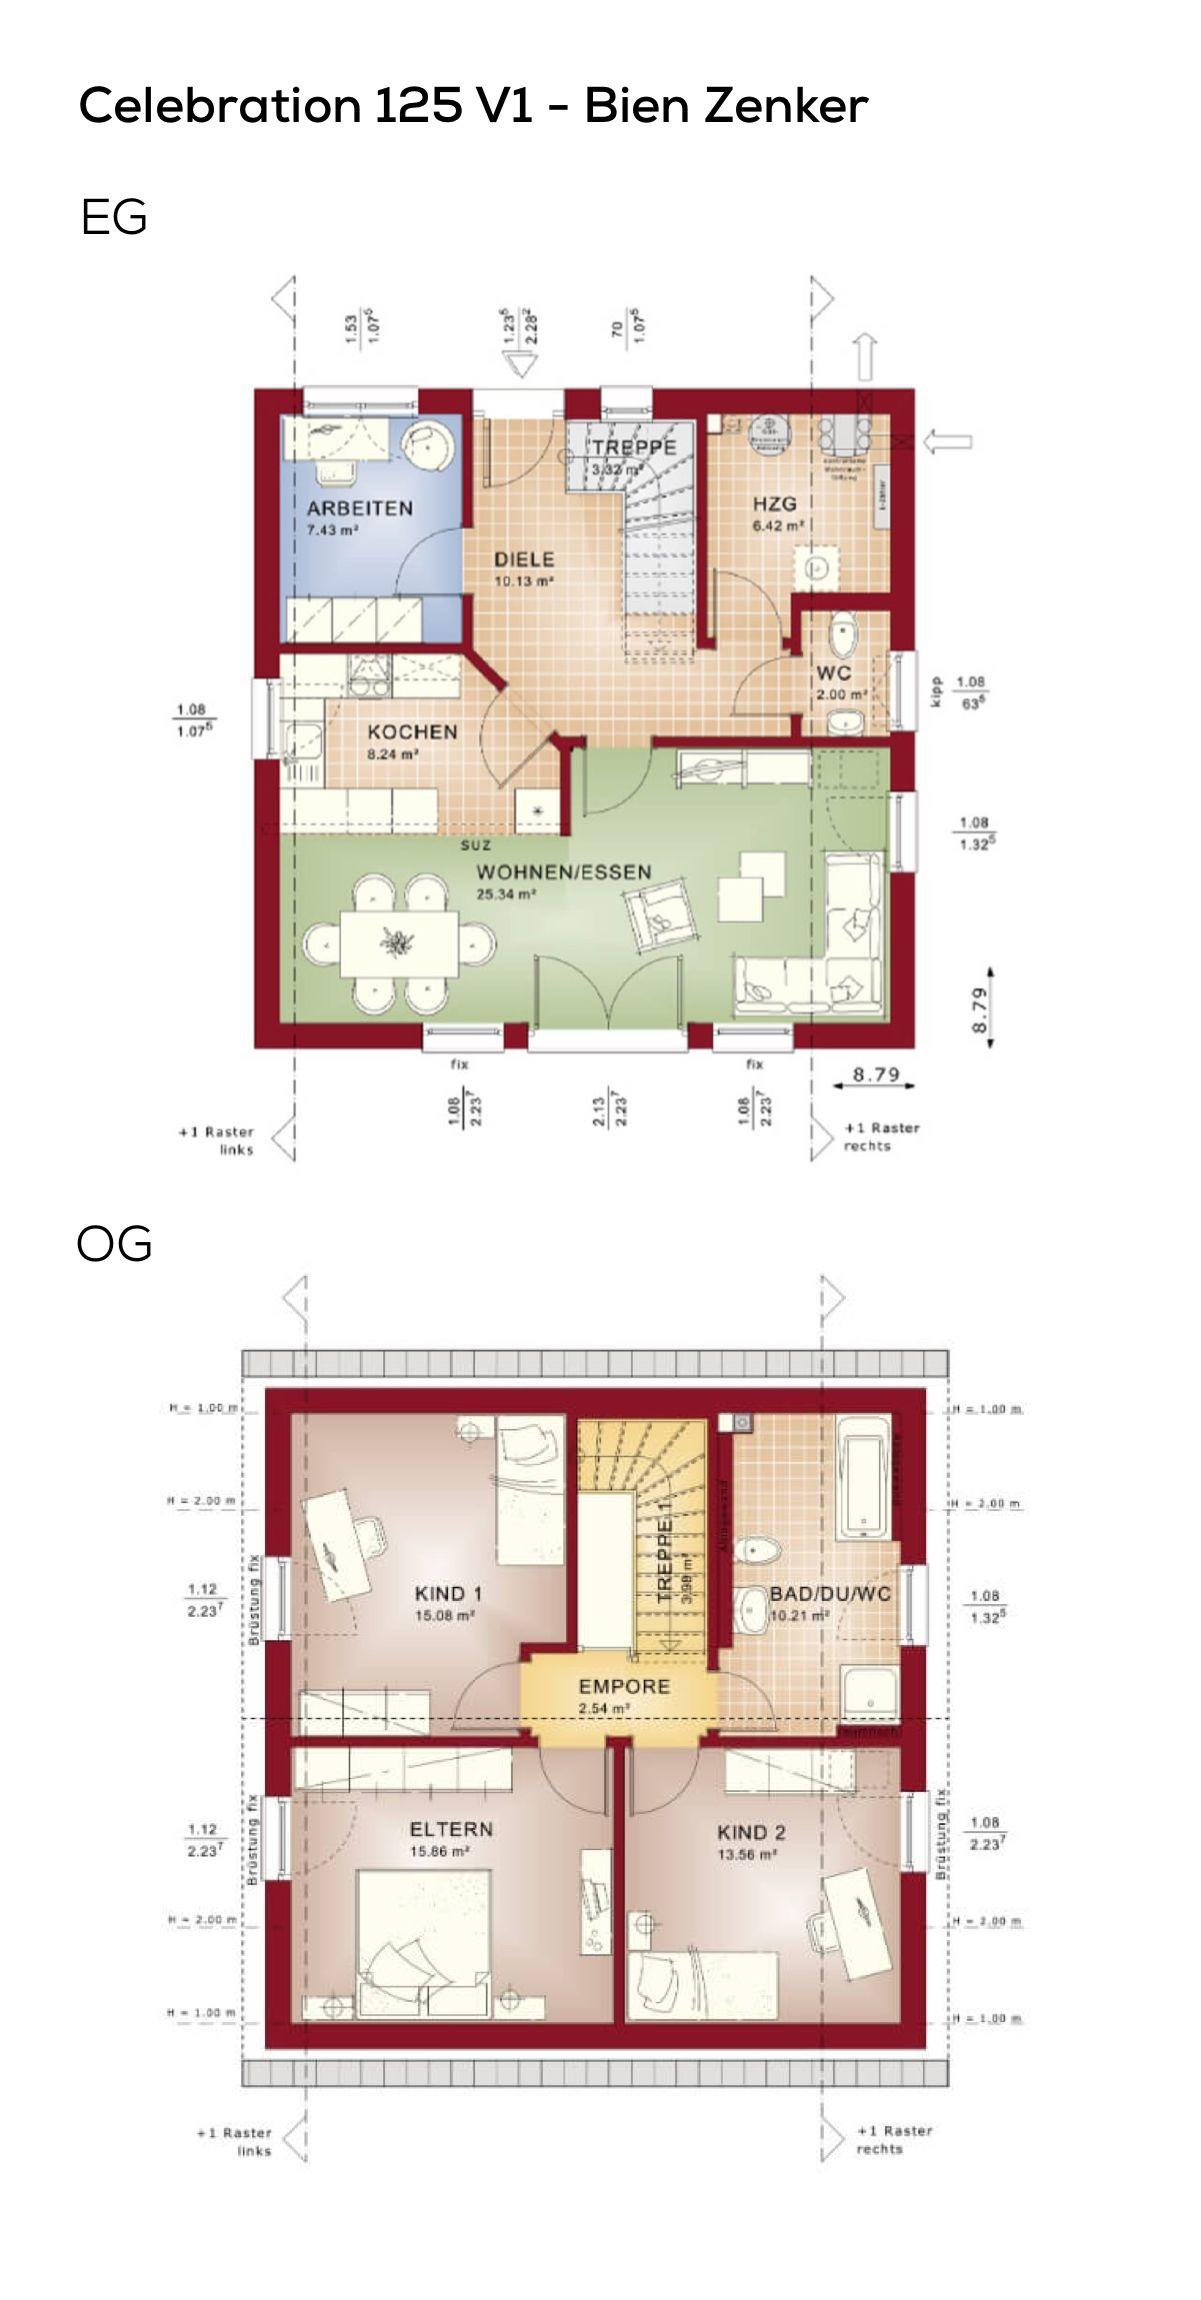 grundriss einfamilienhaus klassisch mit satteldach architektur 5 zimmer 124 qm wfl ohne. Black Bedroom Furniture Sets. Home Design Ideas